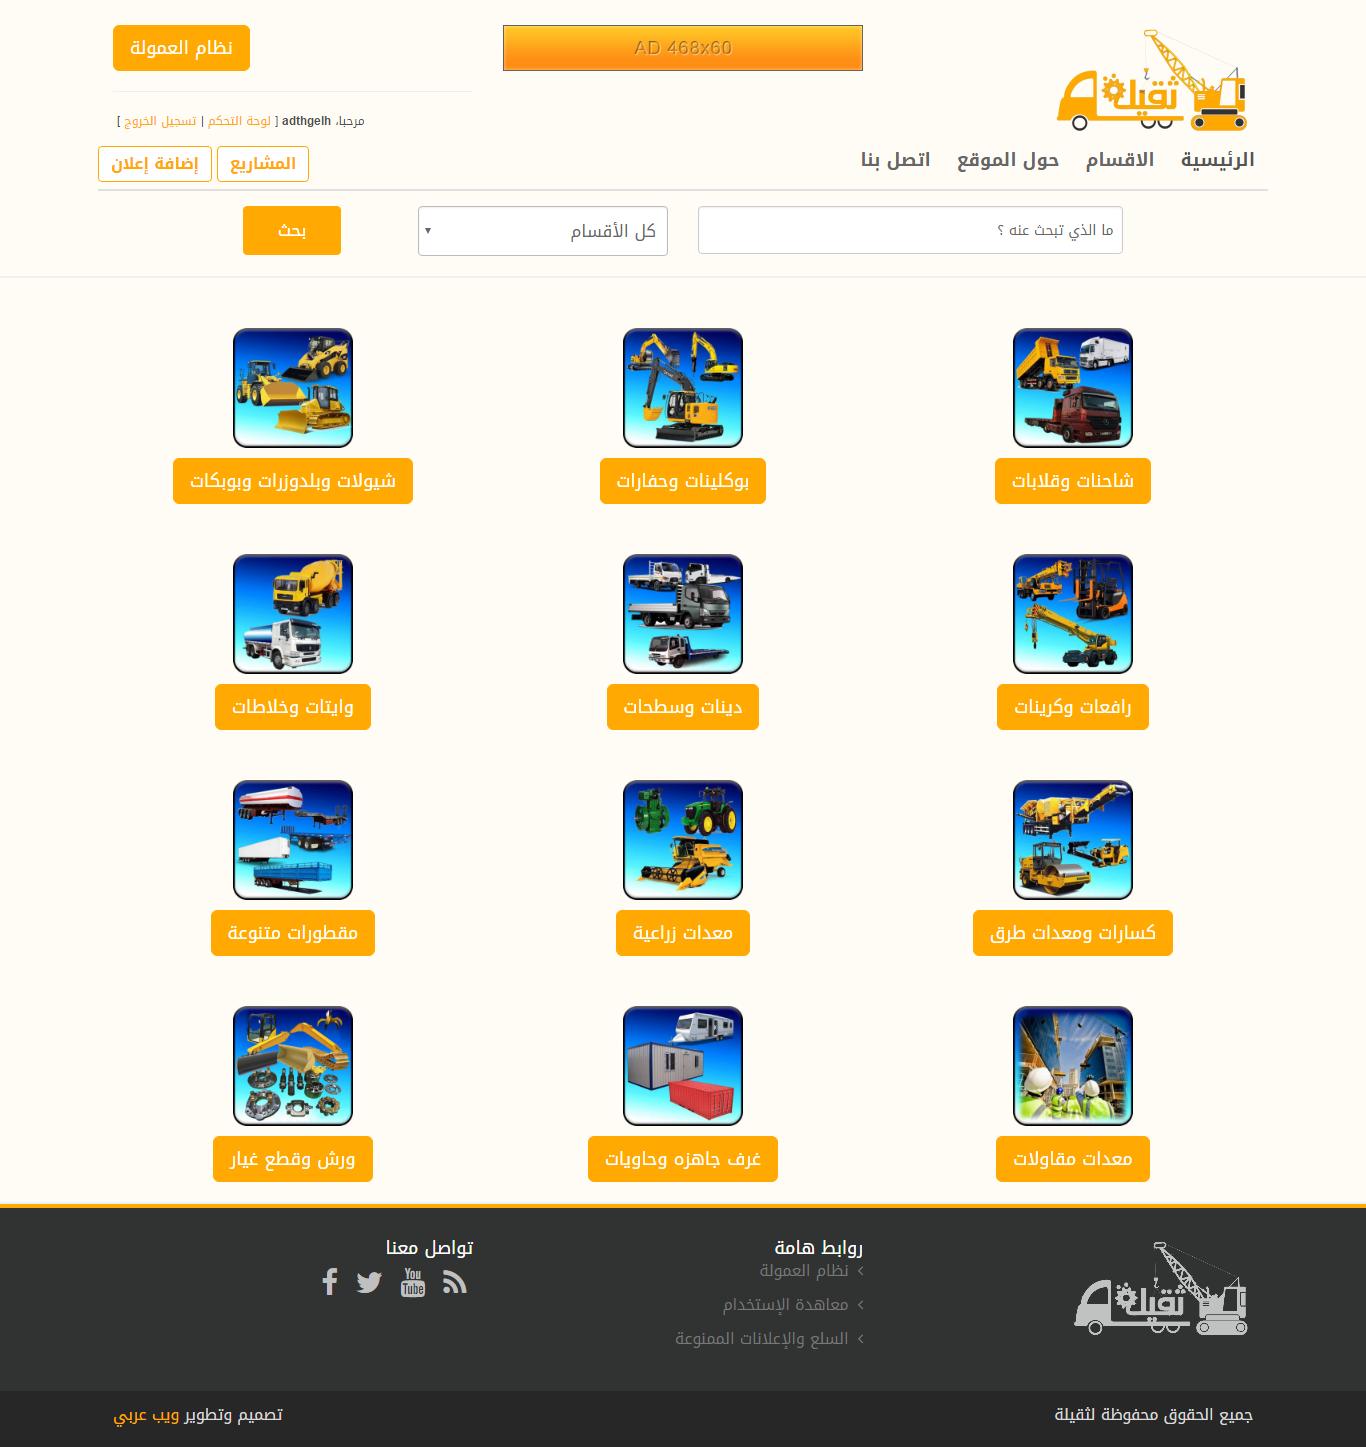 تصميم وتطوير موقع حراج ثقيلة متعدد اللغات تصميم مستجيب يدعم جميع الشاشات و المتصفحات والهواتف المحموله Abs